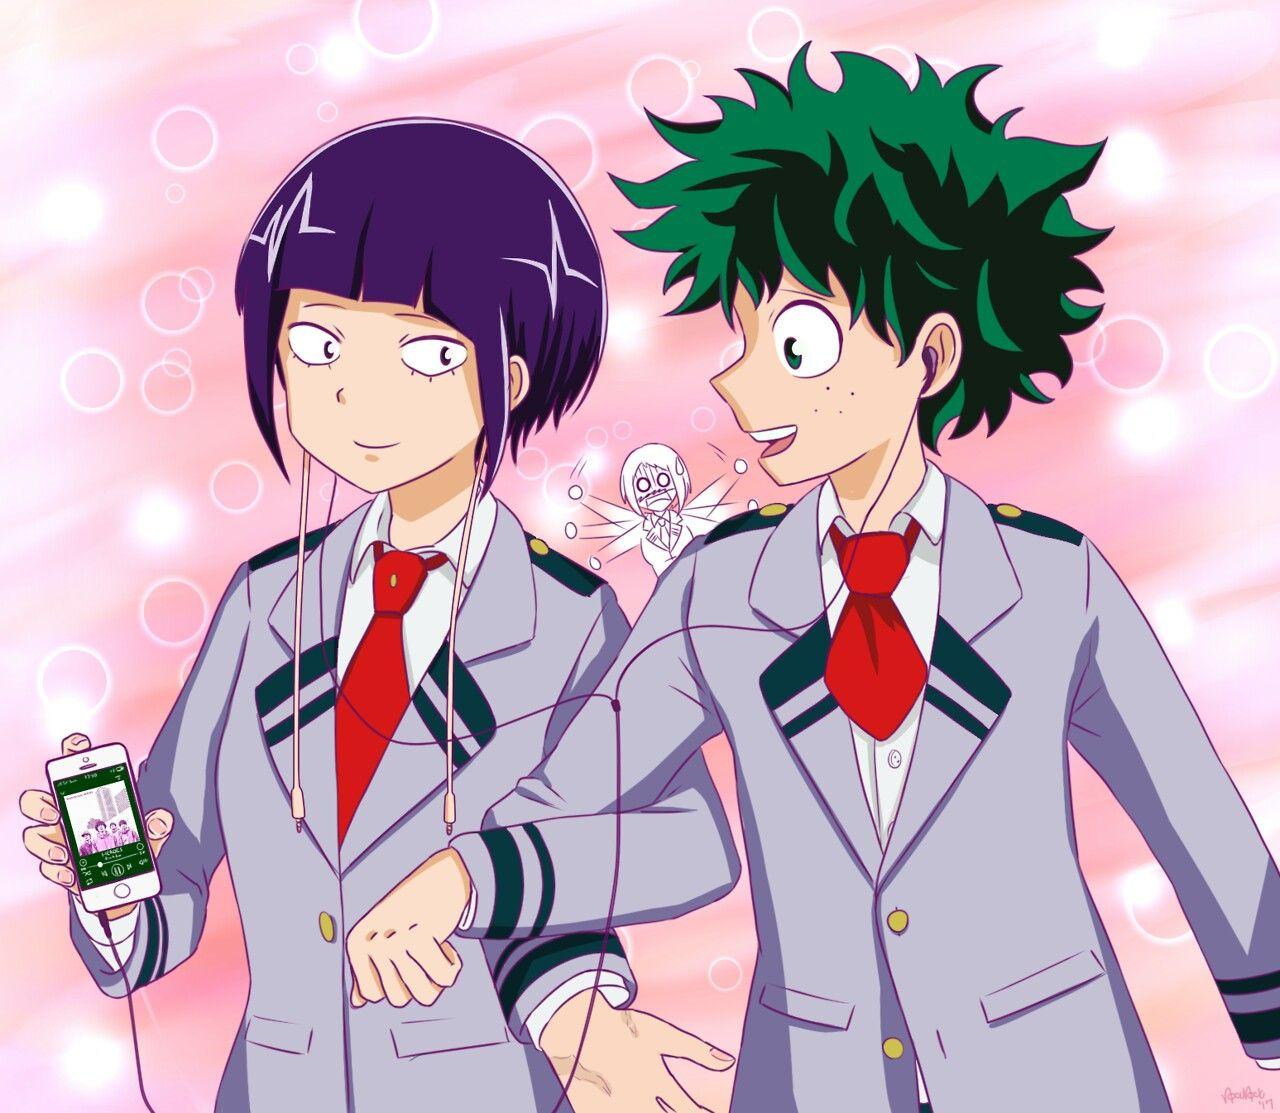 Garotos Anime, Izuku Midoriya E